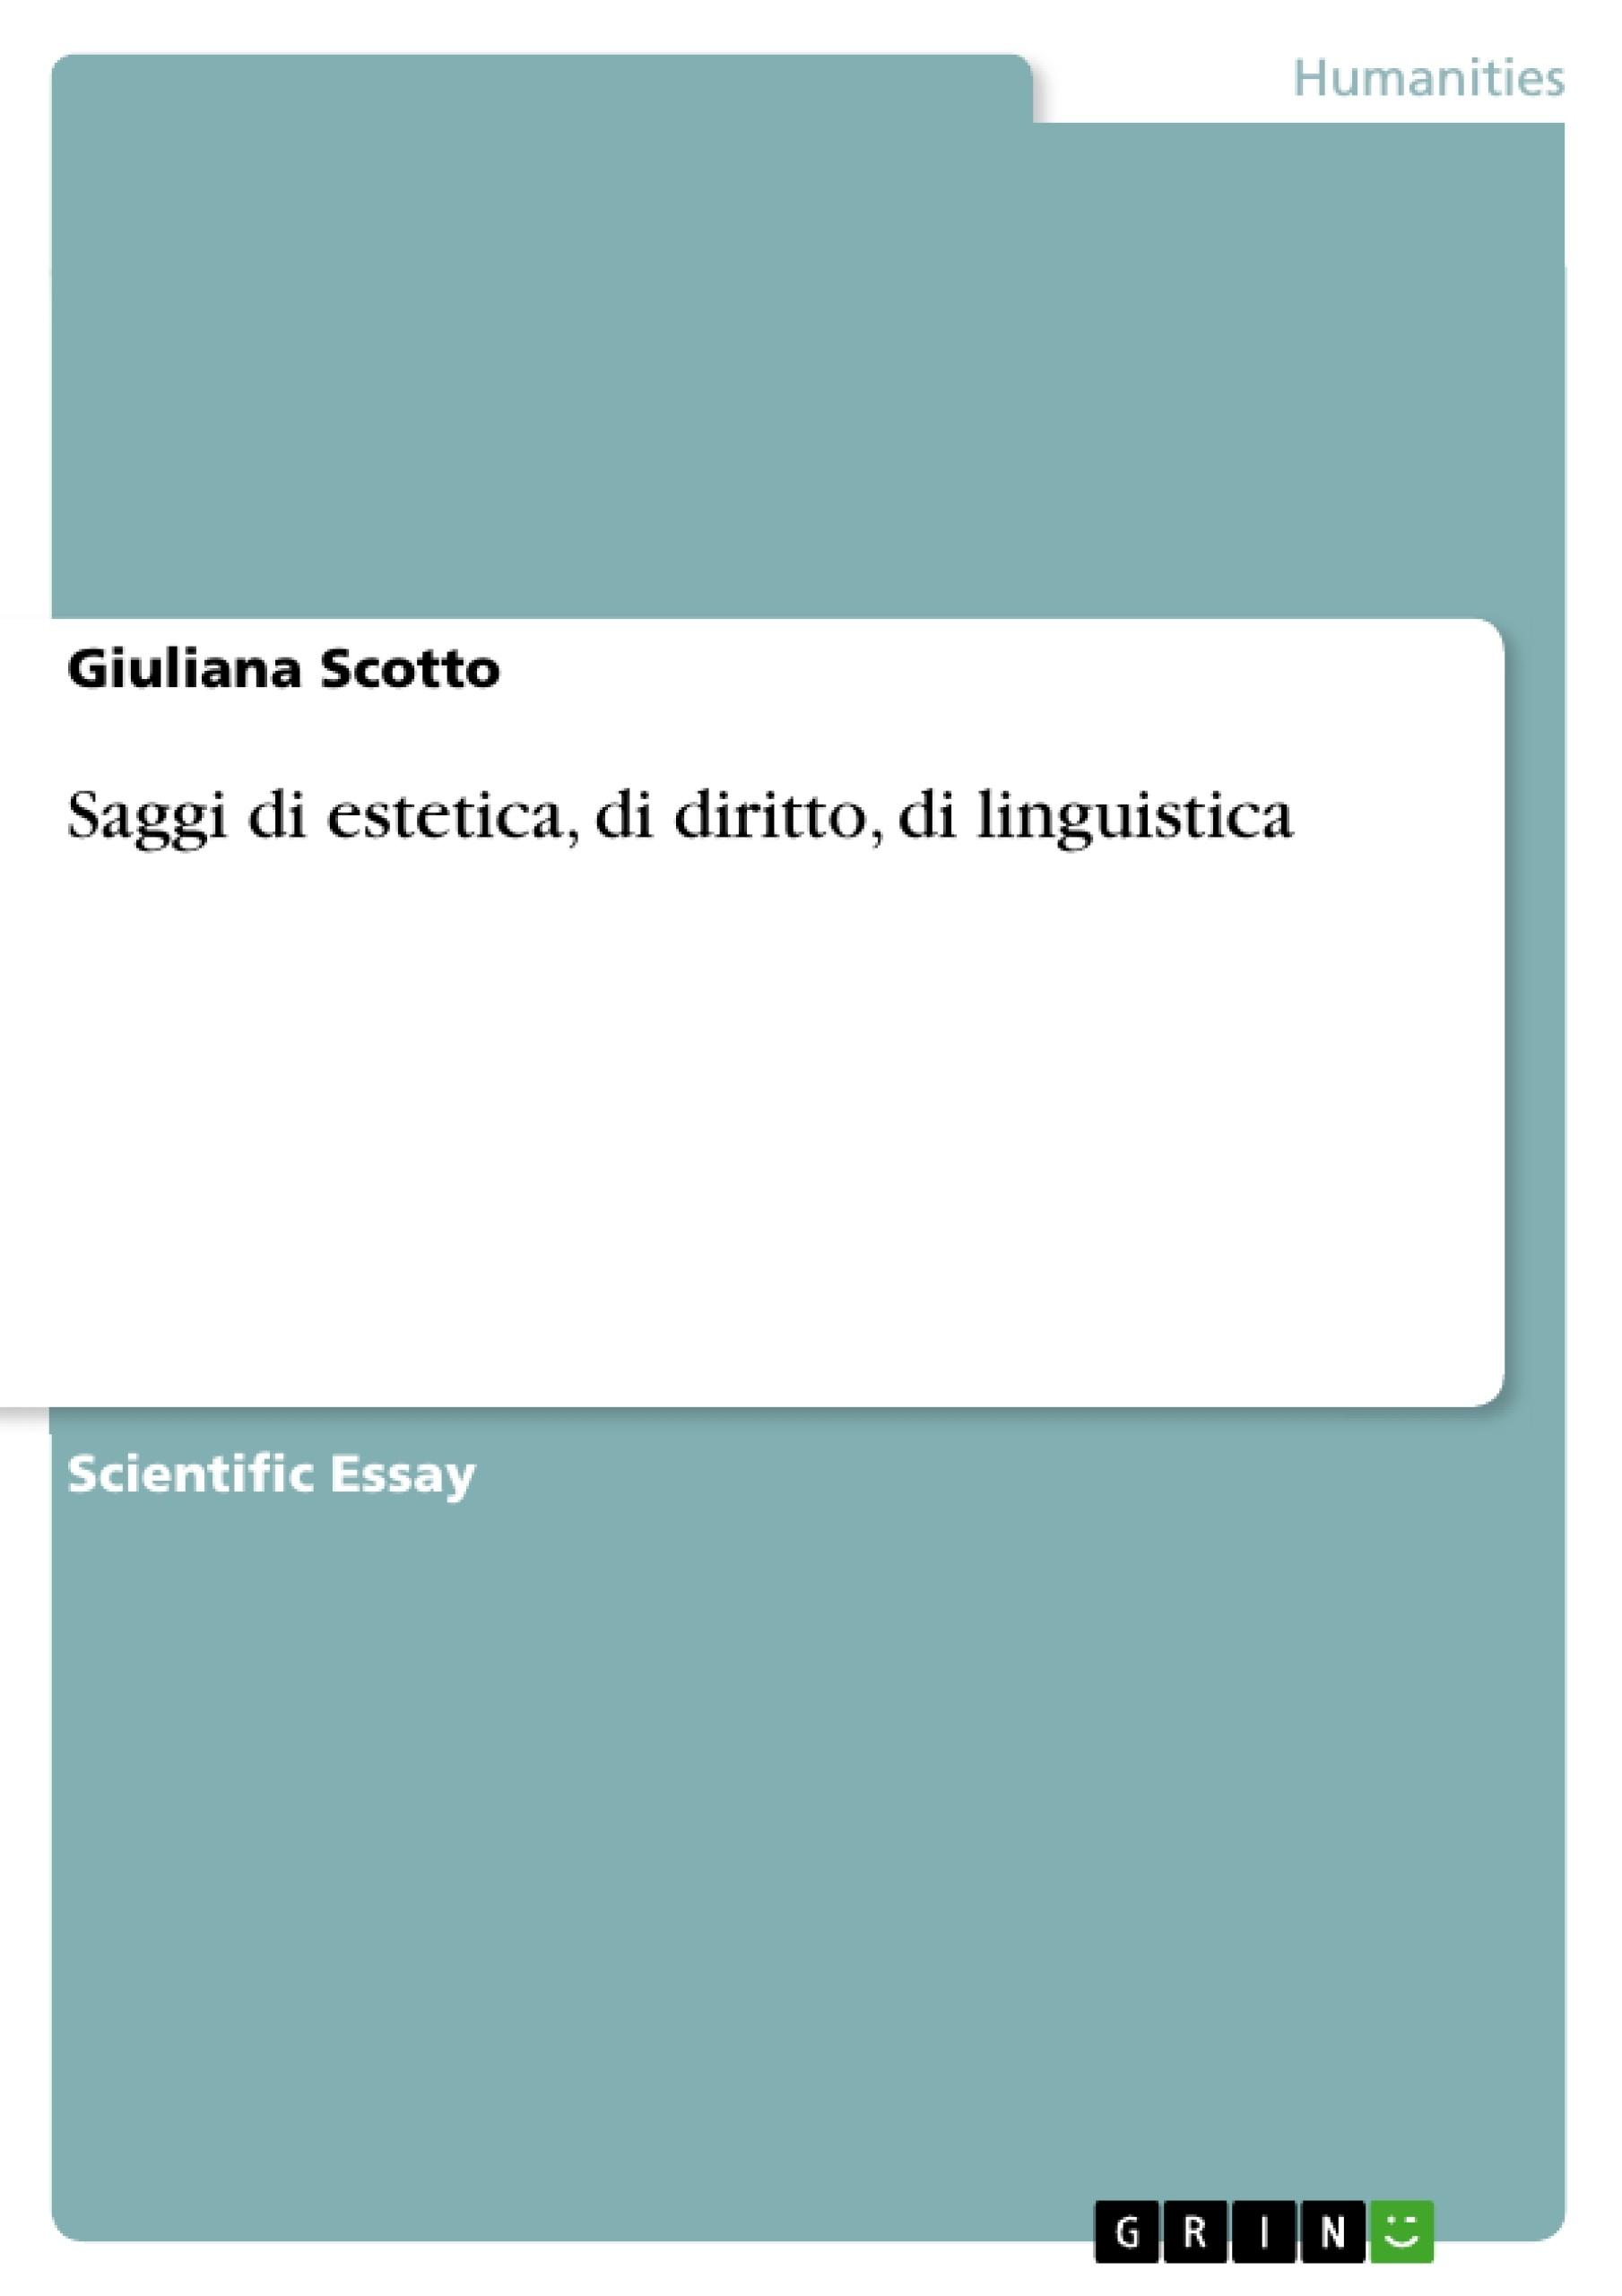 Title: Saggi di estetica, di diritto, di linguistica